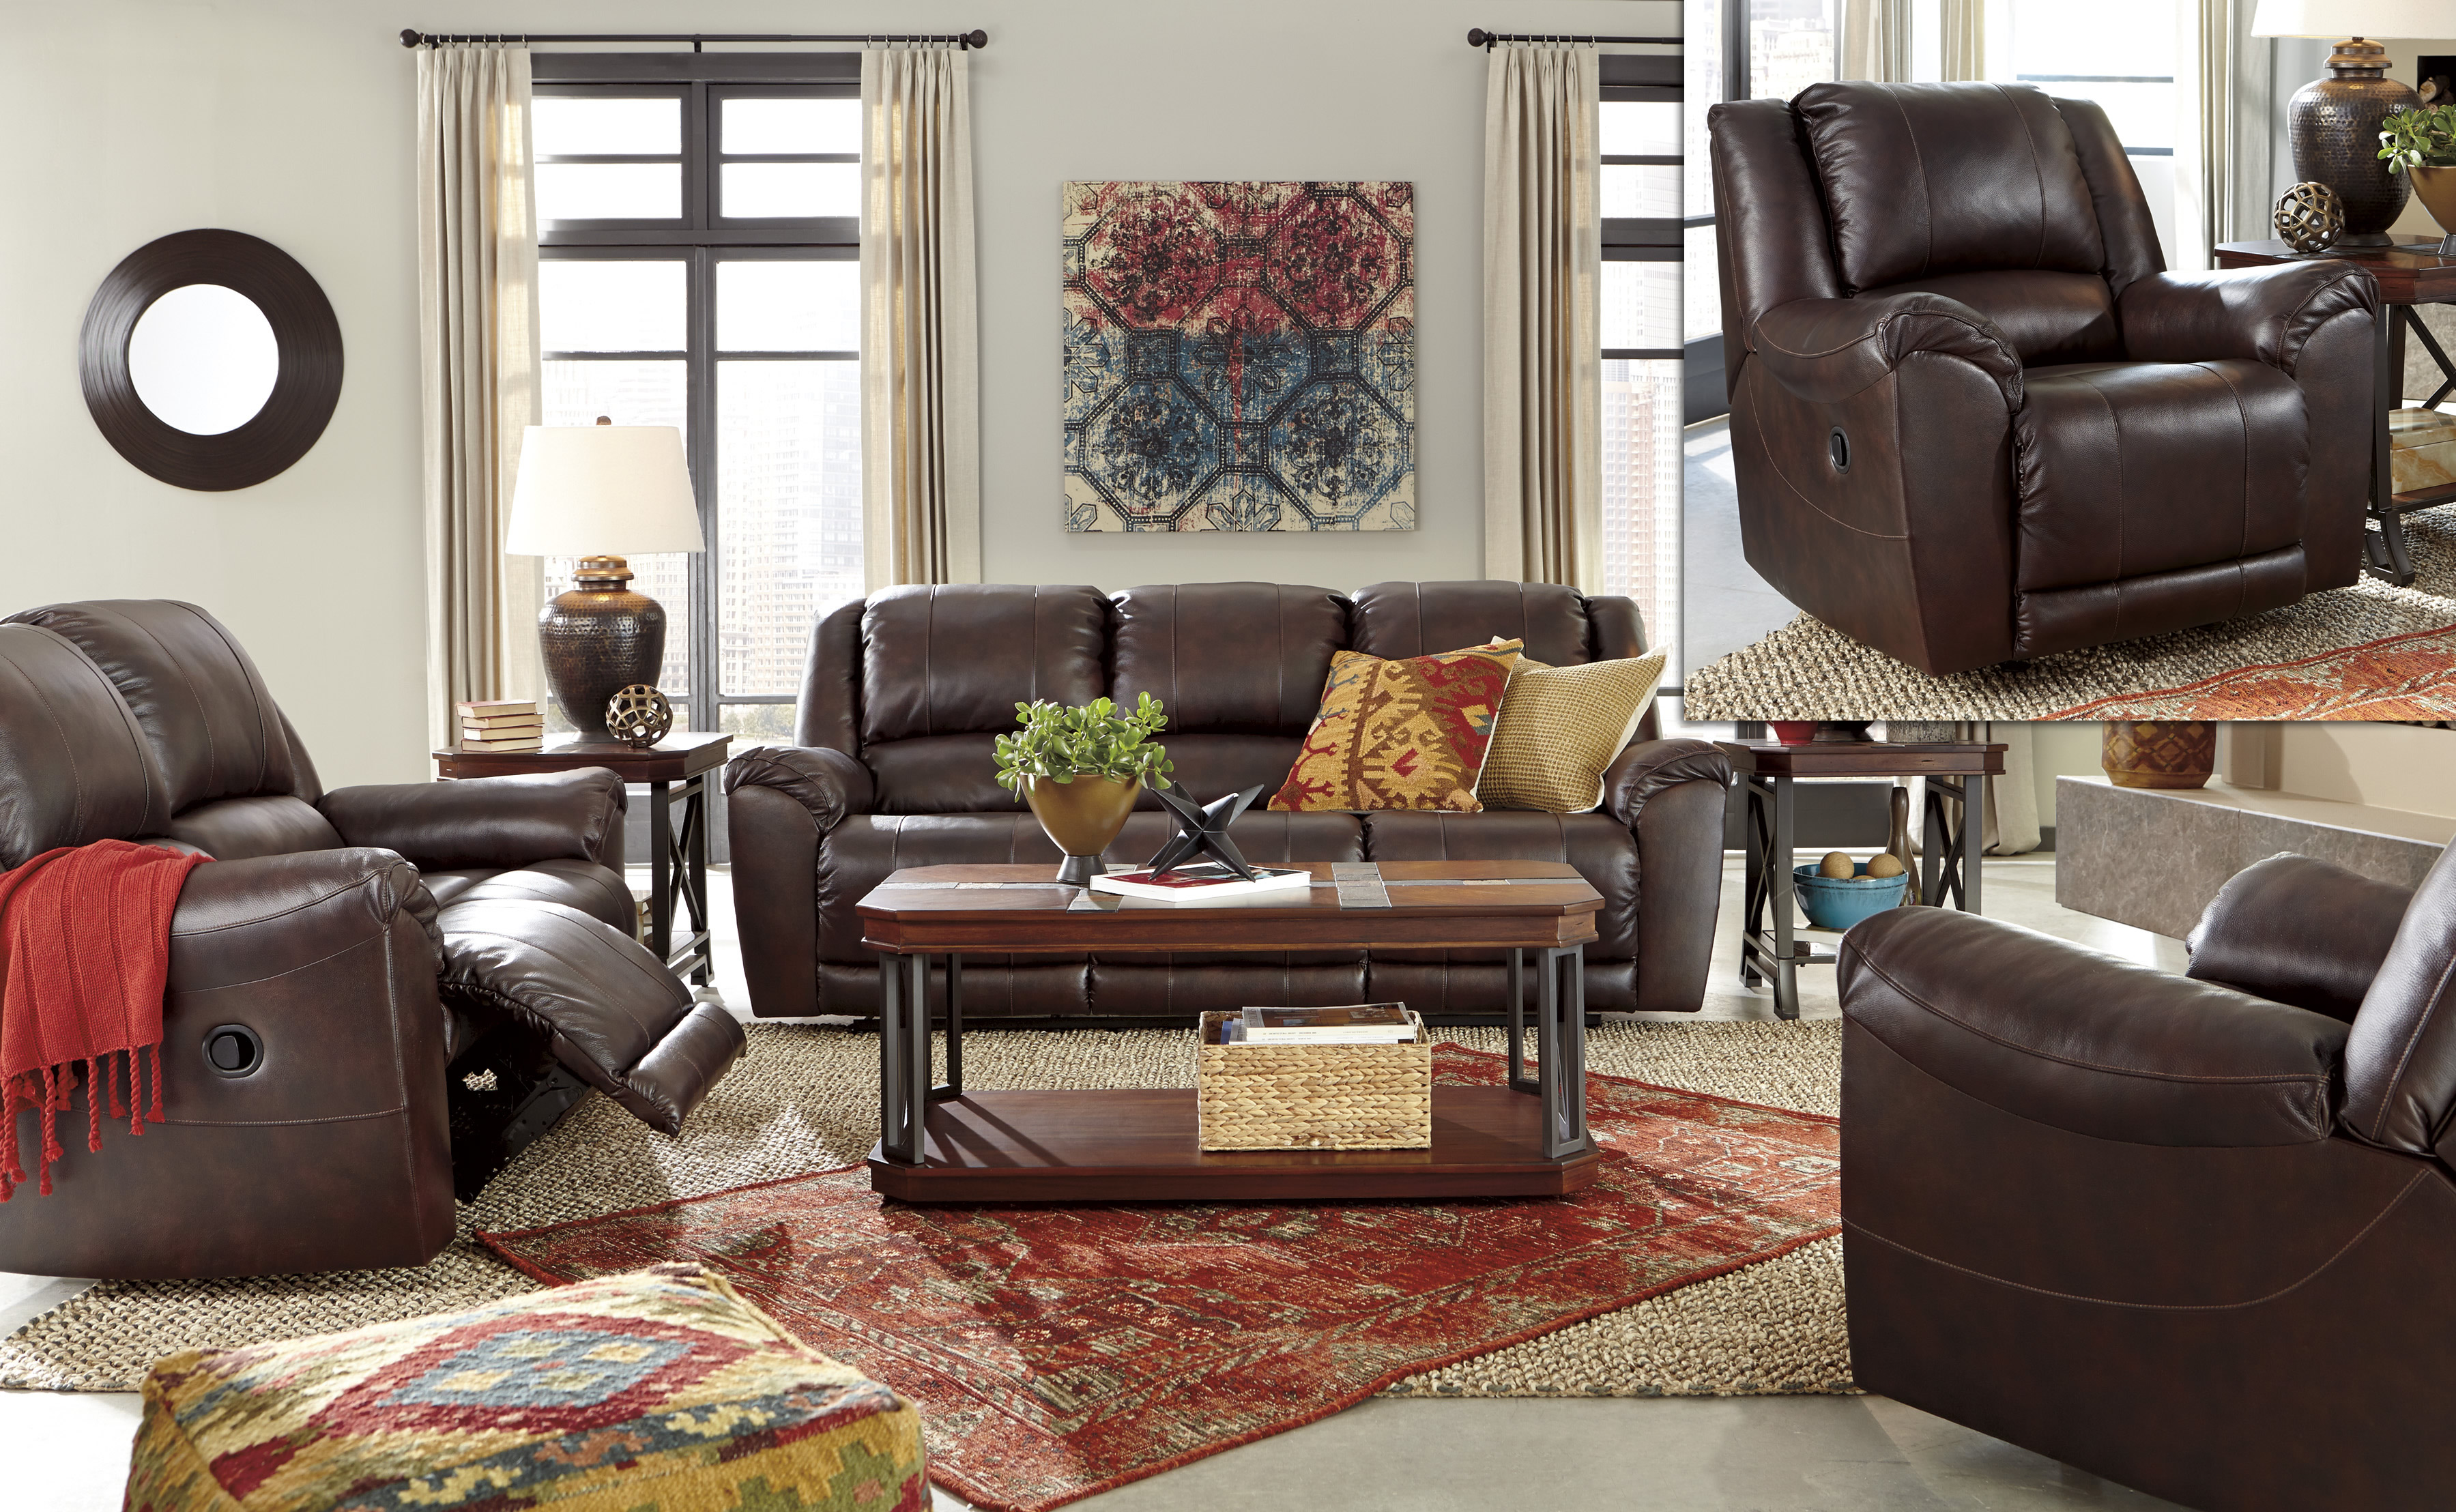 Living Room Sets All American Mattress amp Furniture : 317181733600df72af801o from aamattressandfurniture.com size 3599 x 2216 jpeg 2025kB